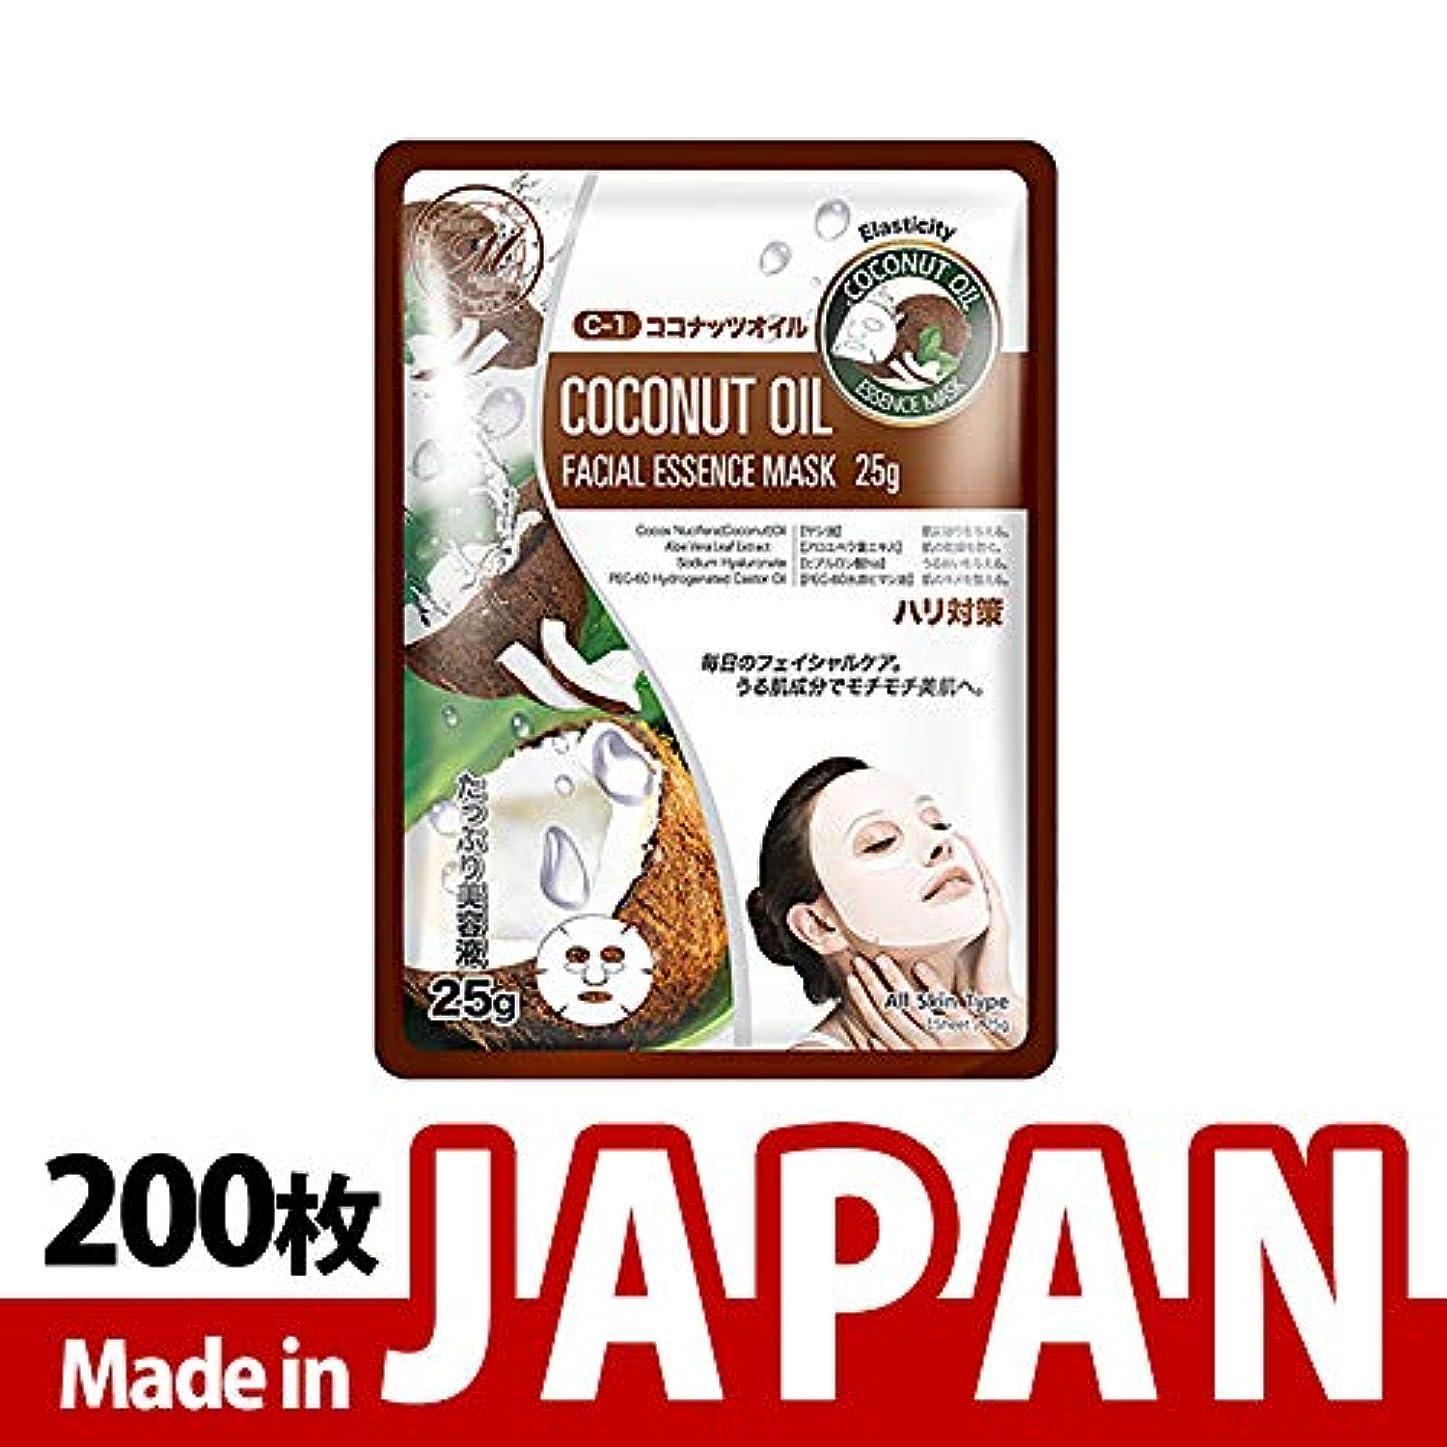 リスト省略適合するMITOMO日本製【MT512-C-1】シートマスク/10枚入り/200枚/美容液/マスクパック/送料無料